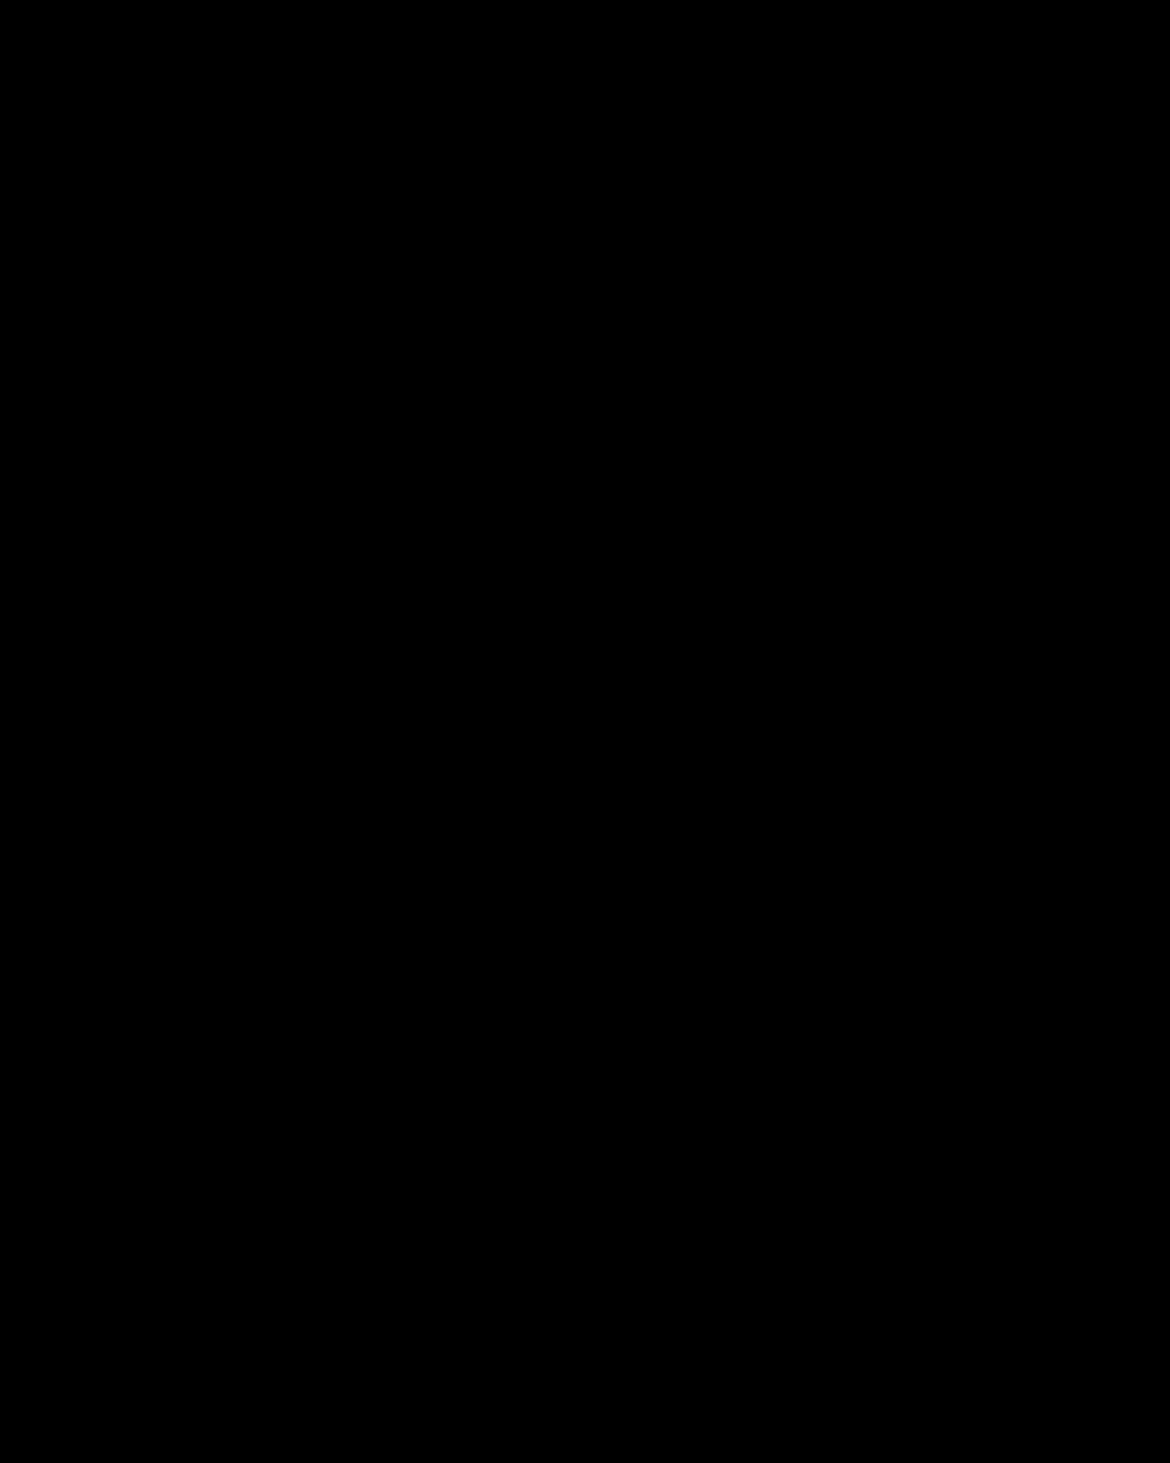 Nolinski Hotel Paris. Parigi in inverno. Cosa vedere in 3 tre giorni. By Laura Comolli